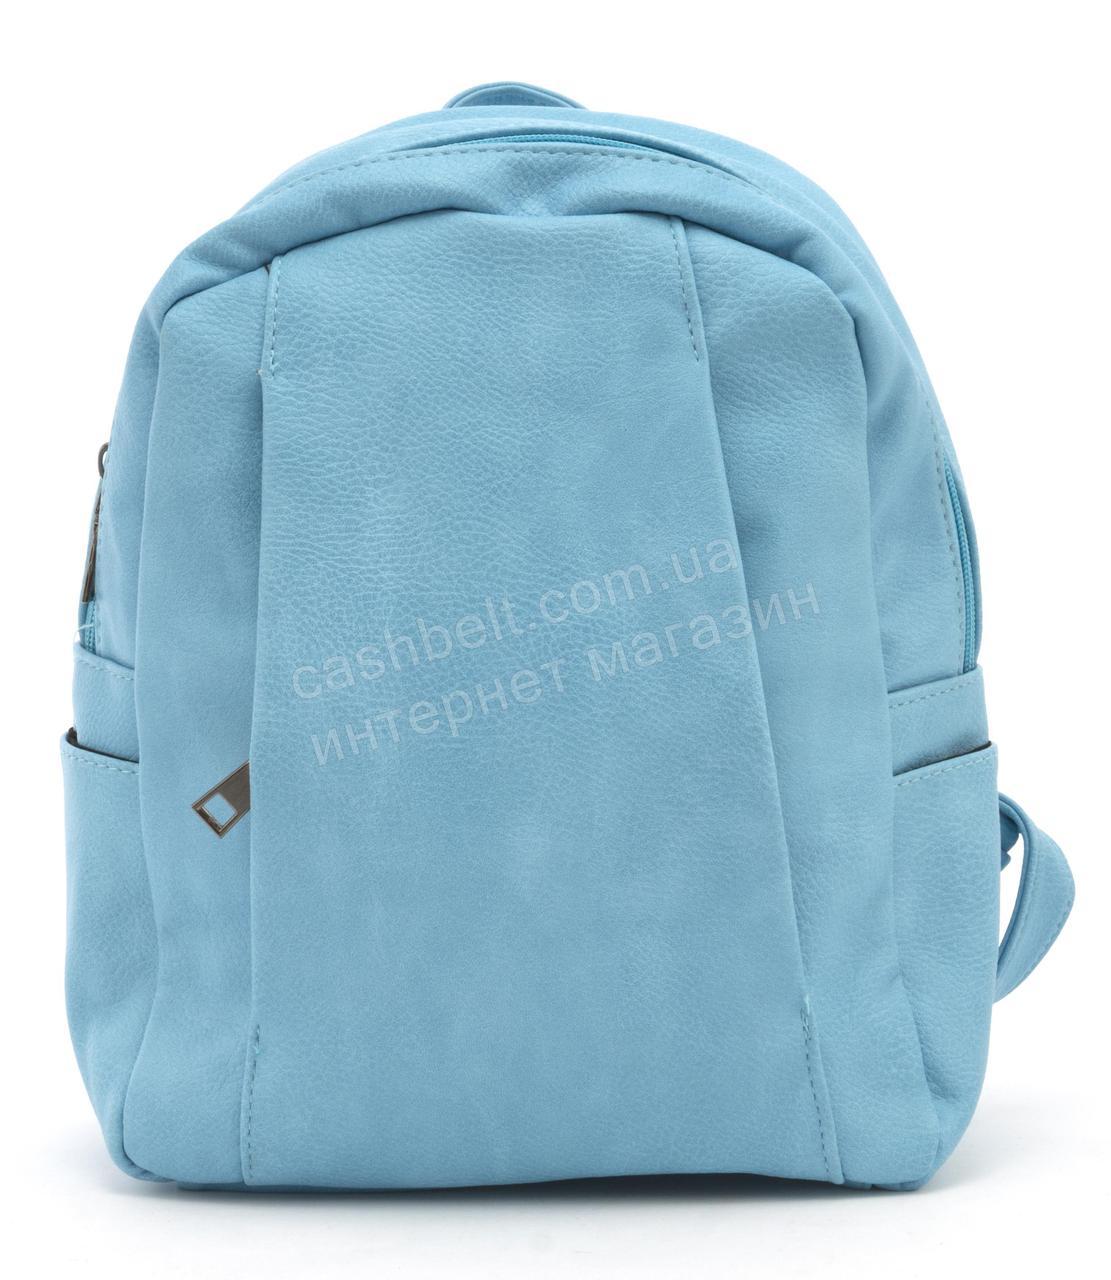 Стильний міцний і надійний рюкзак Suliya art. 5012 блакитний